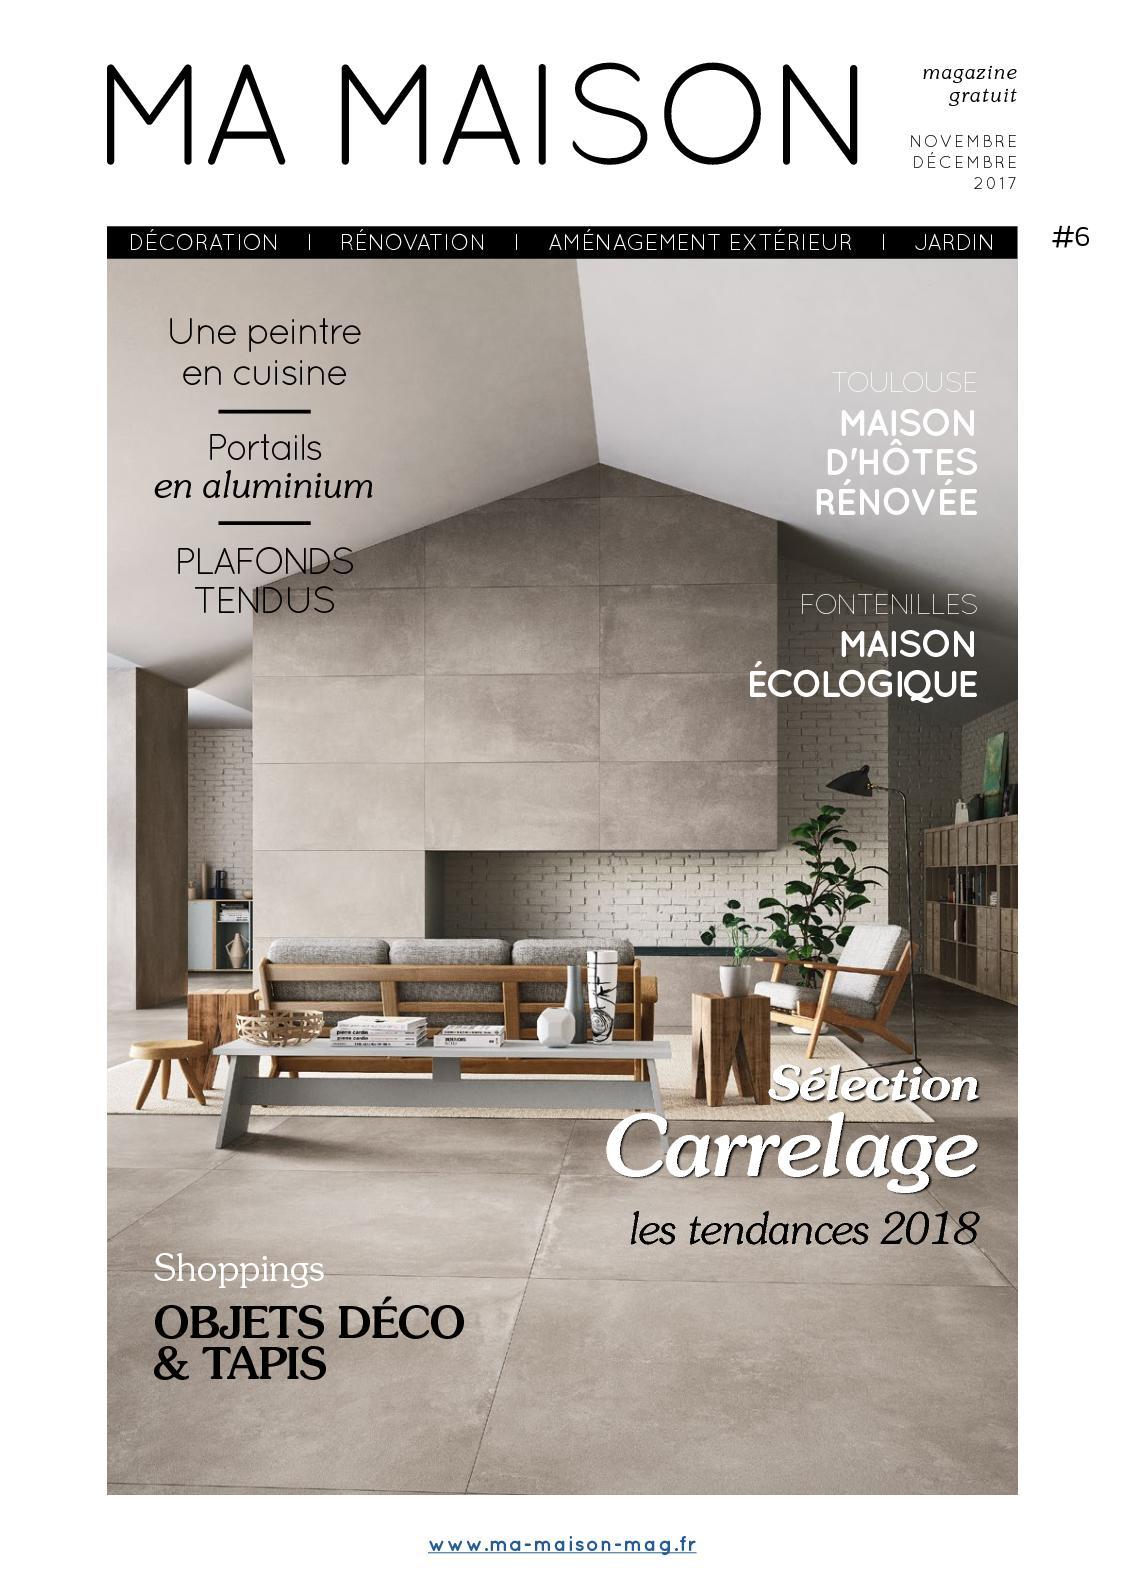 La Maison Du Carrelage Et Sanitaire Balma calaméo - ma maison magazine gratuit numero 6